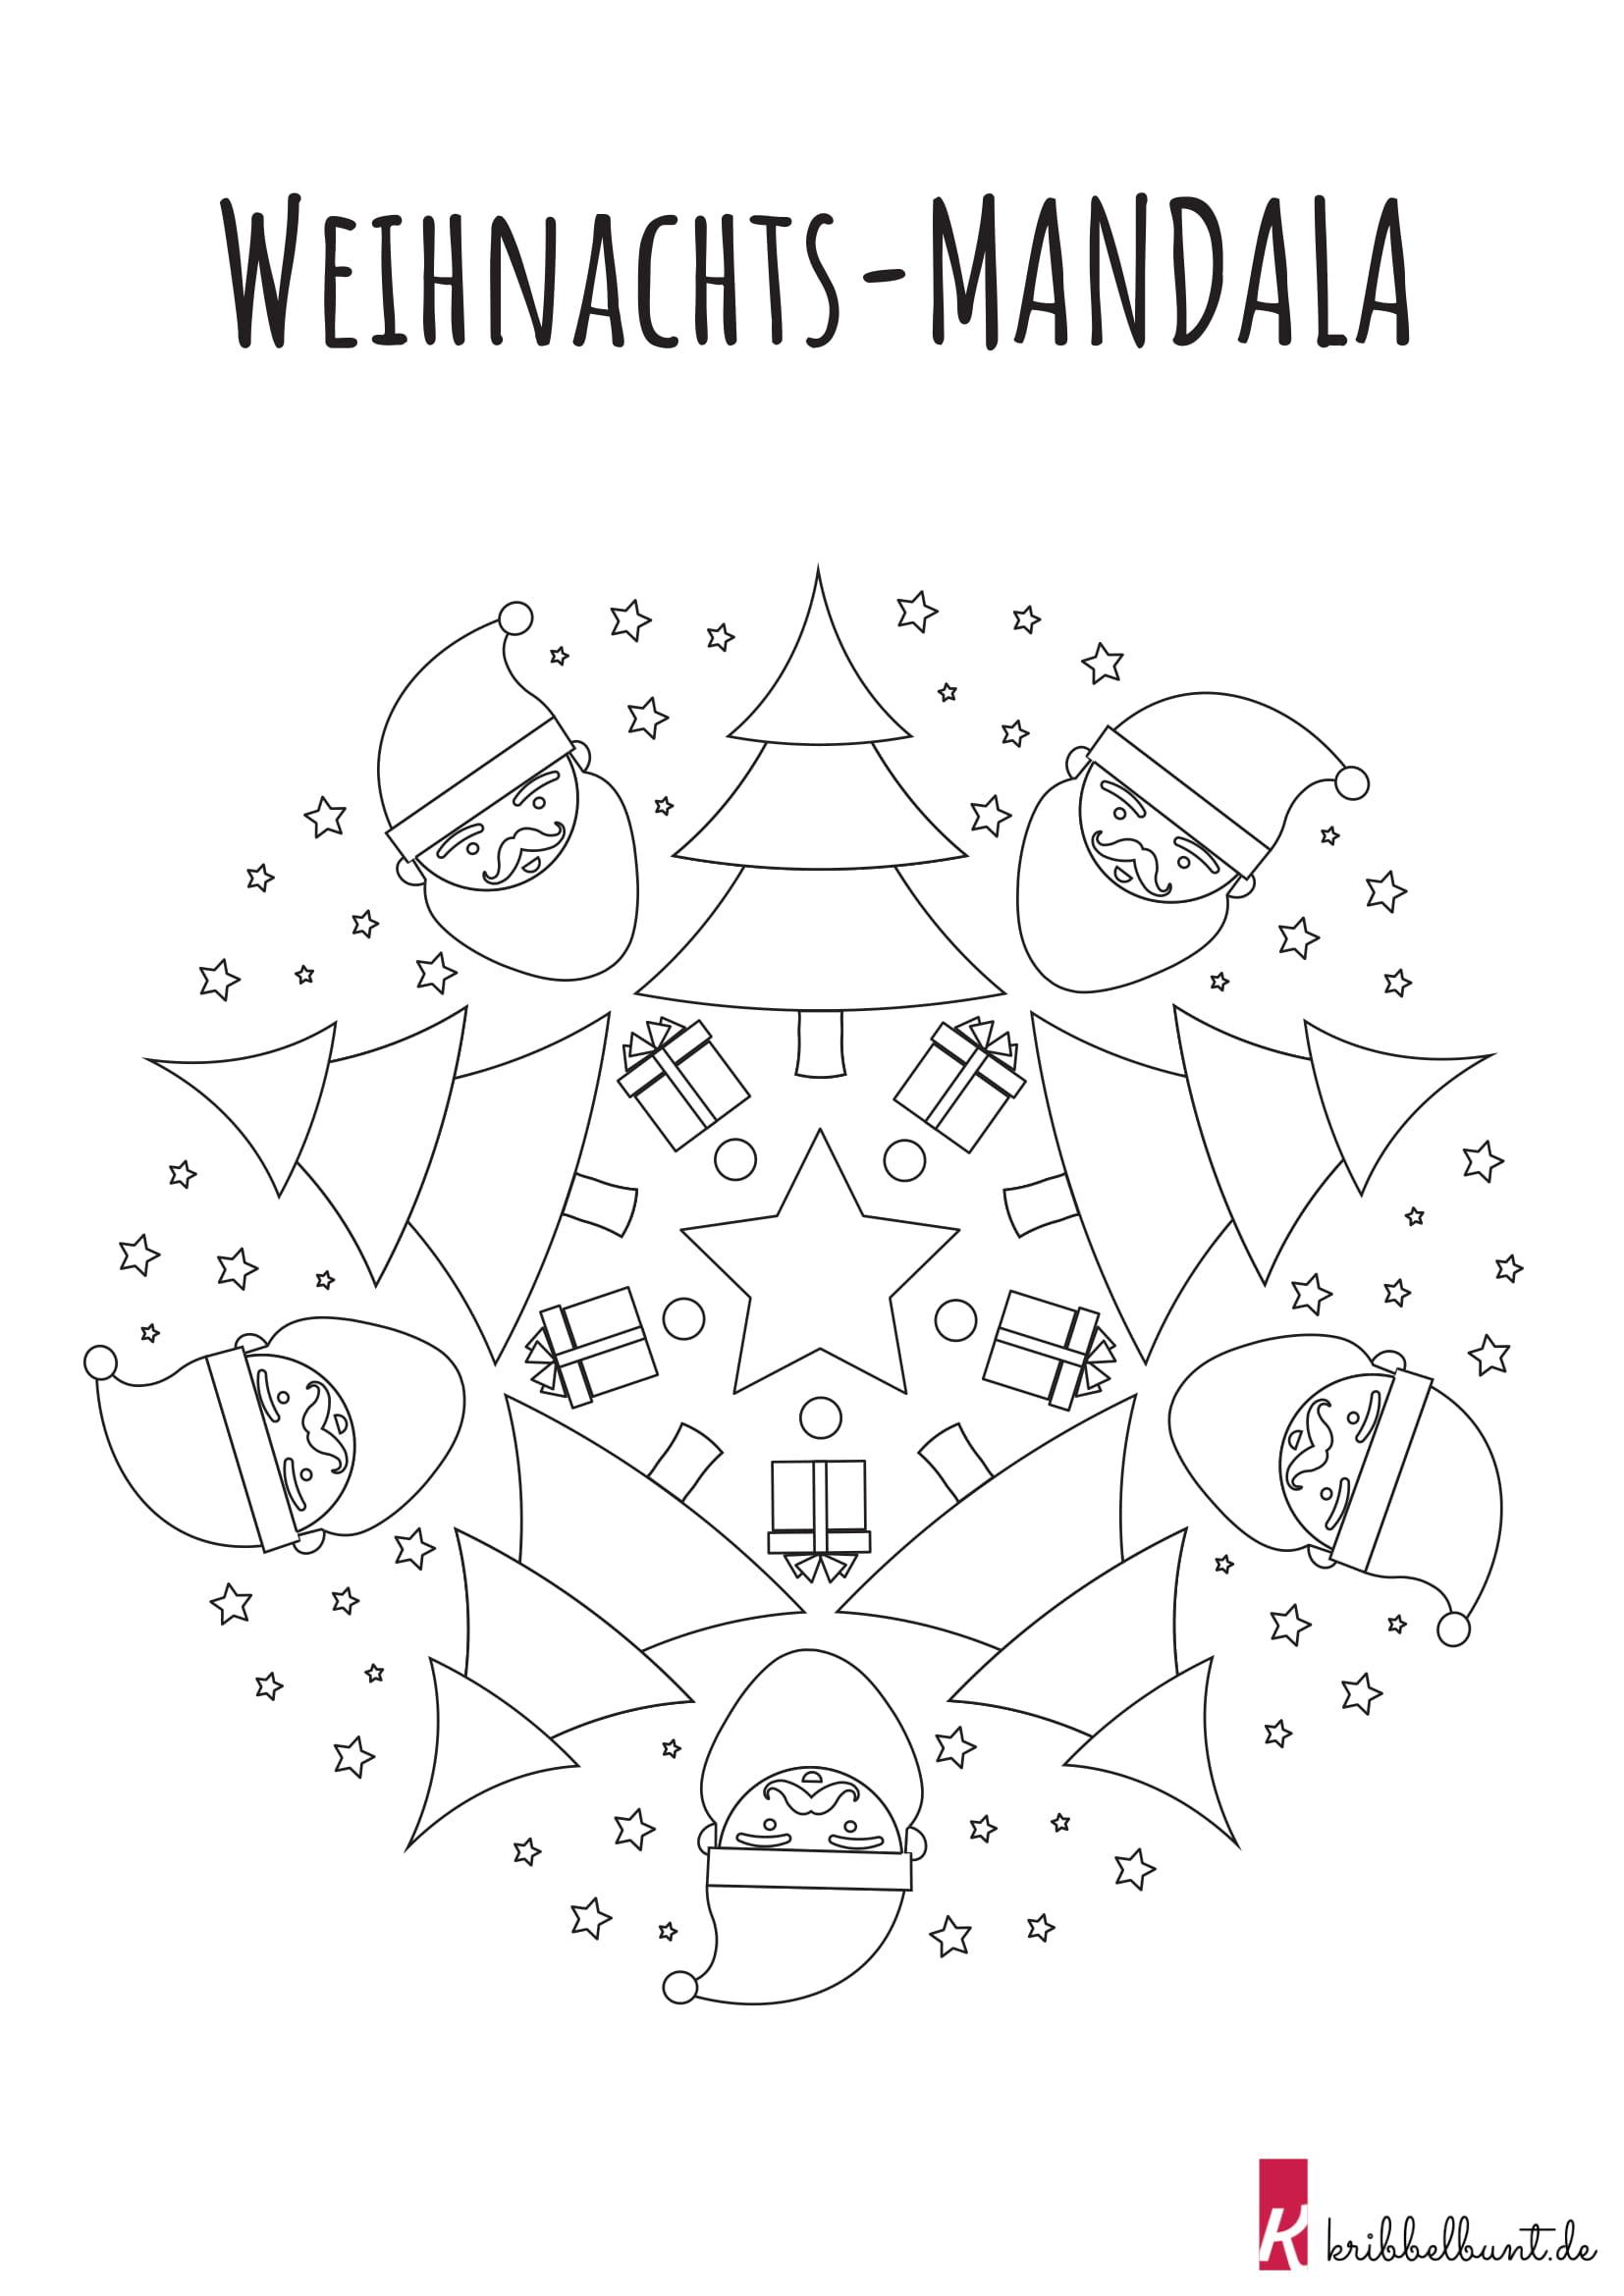 mandala weihnachten  kribbelbunte ausmalbilder